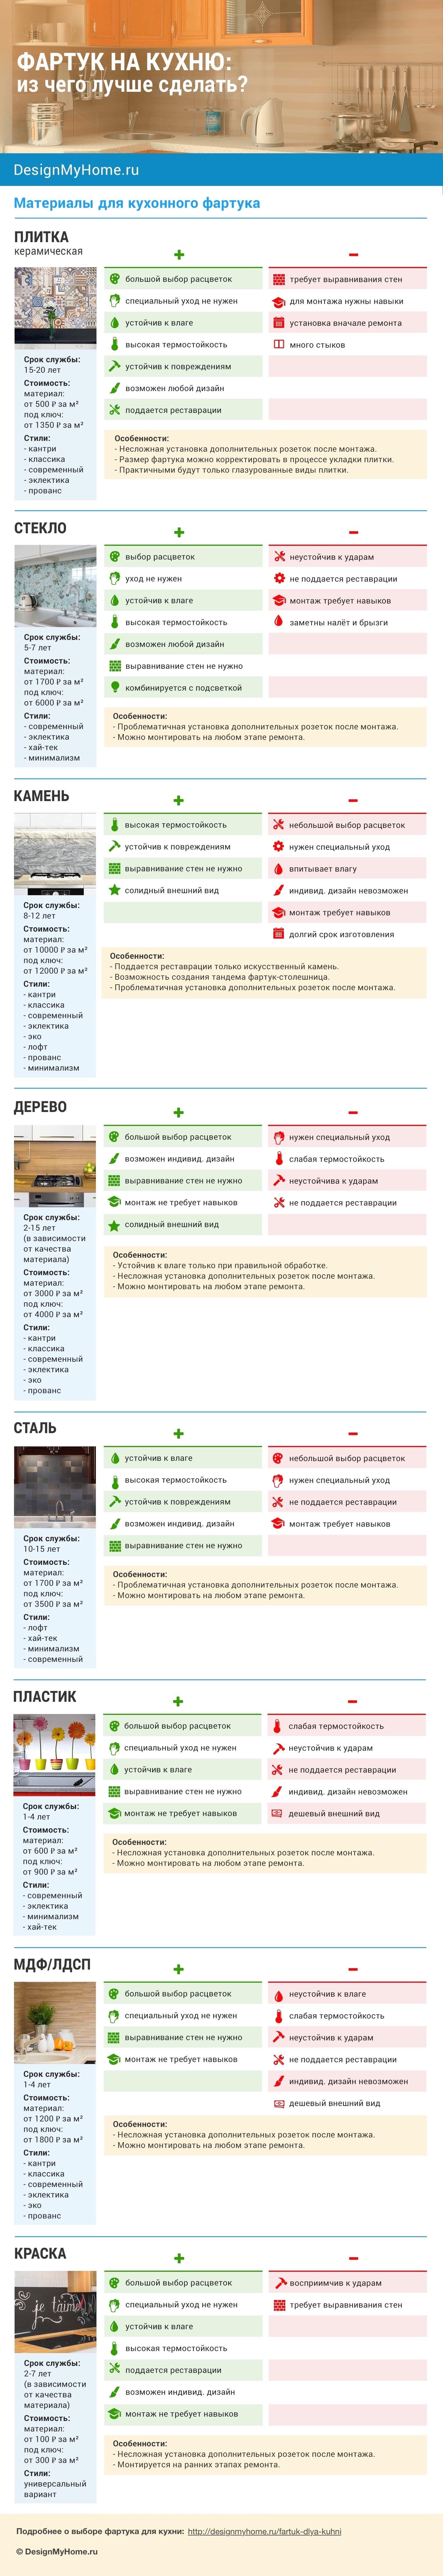 Фартук для кухни - Инфографика